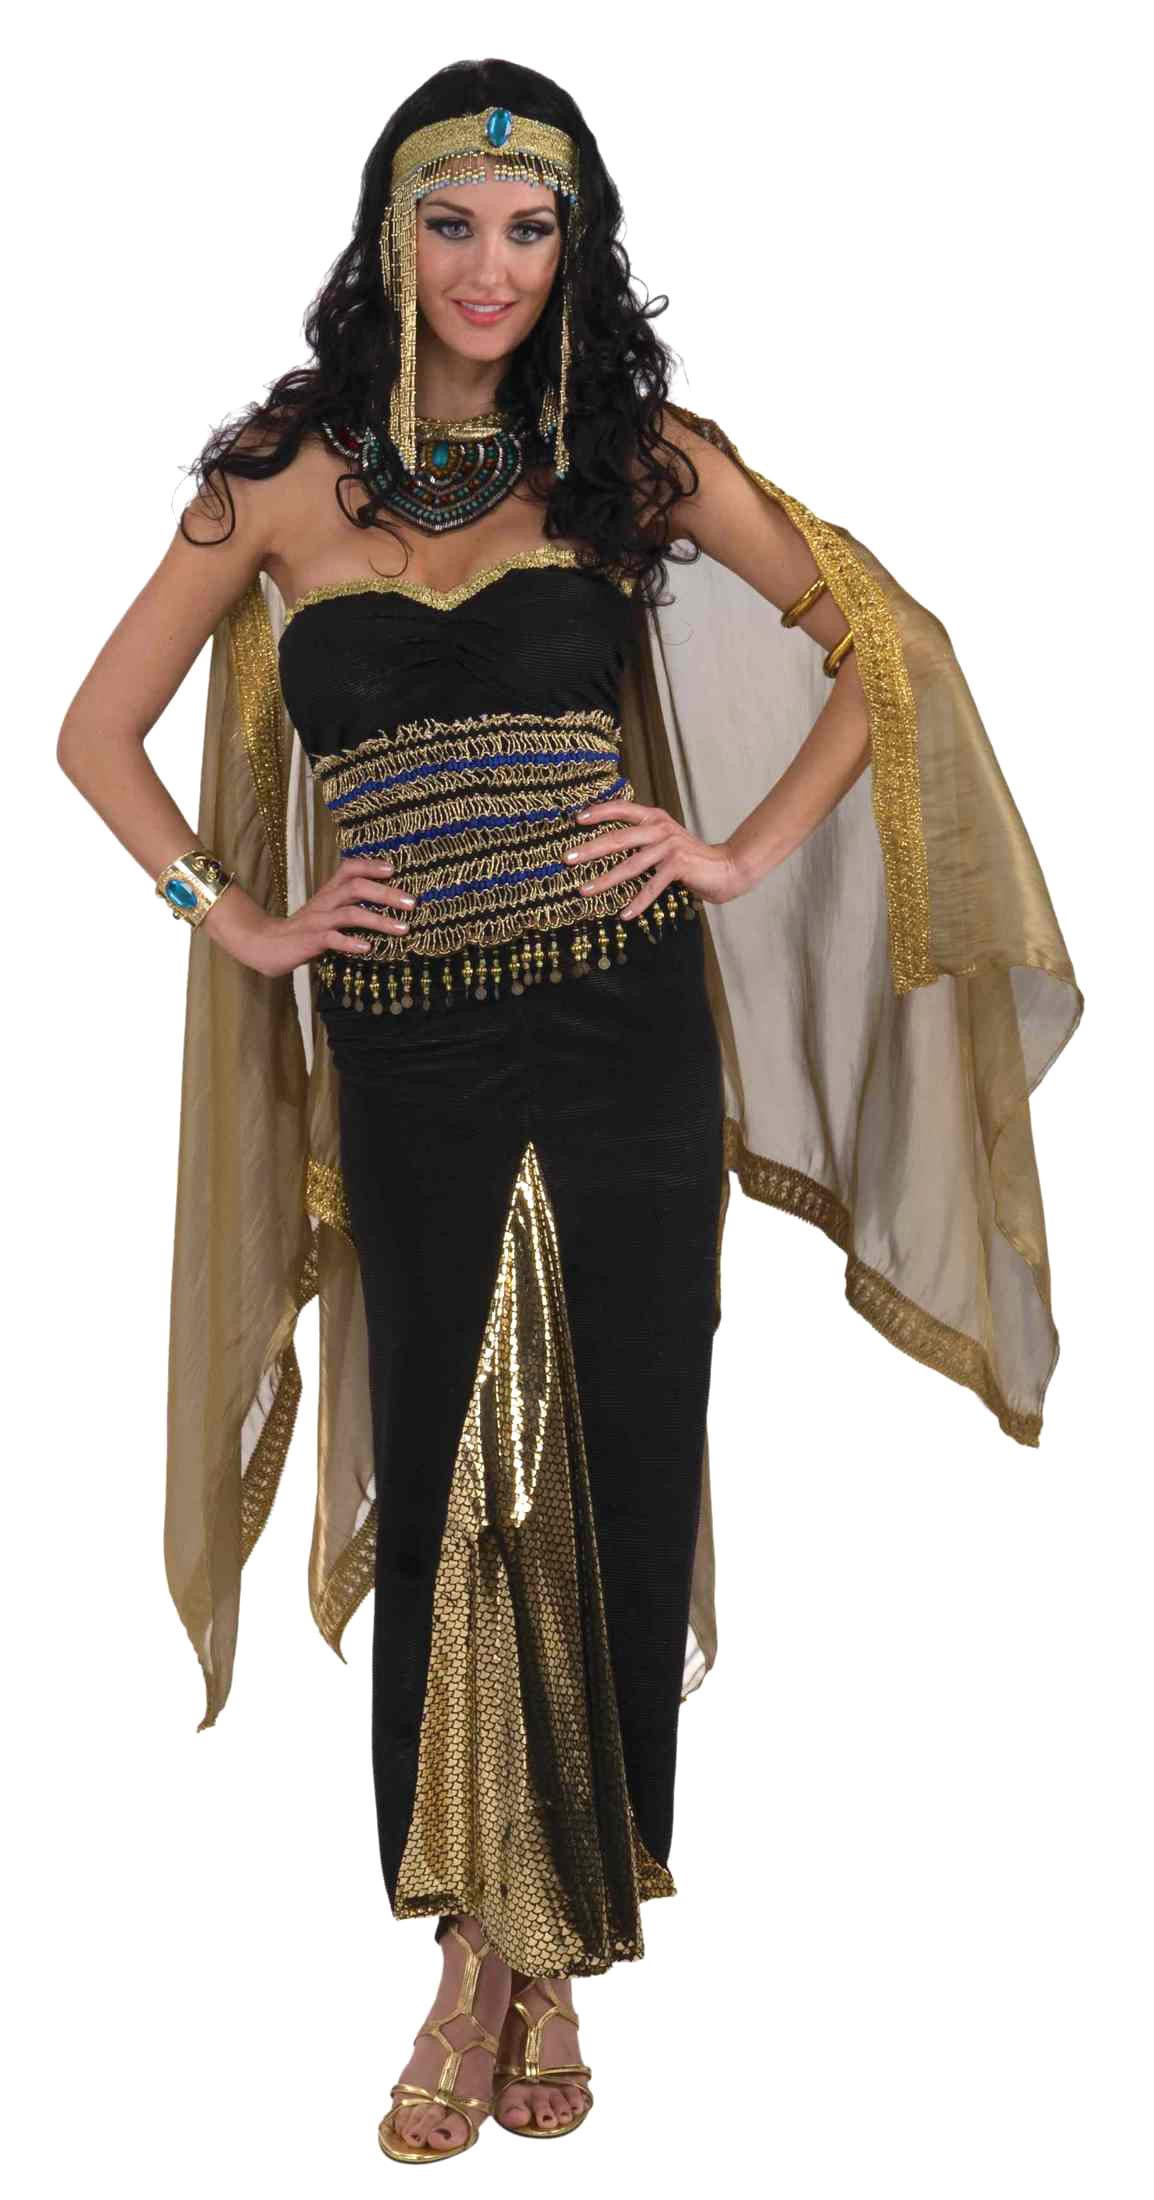 Одежда египетской царицы картинки между собой